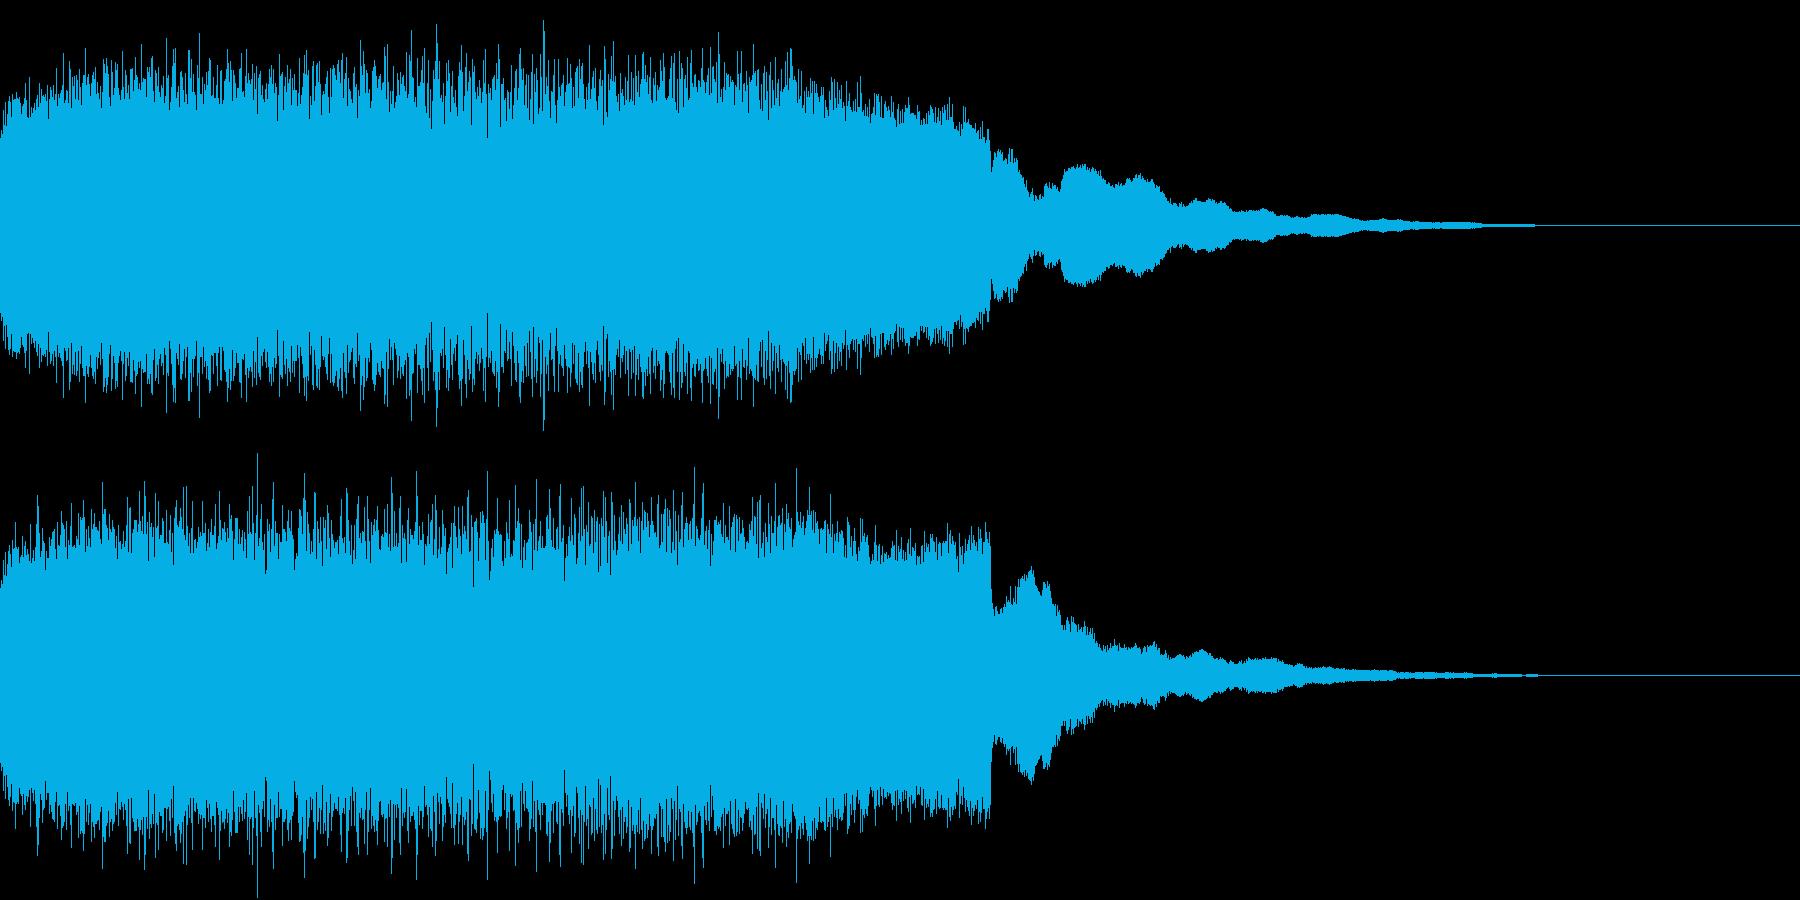 キュイン キュイーン ビーム キーン 3の再生済みの波形